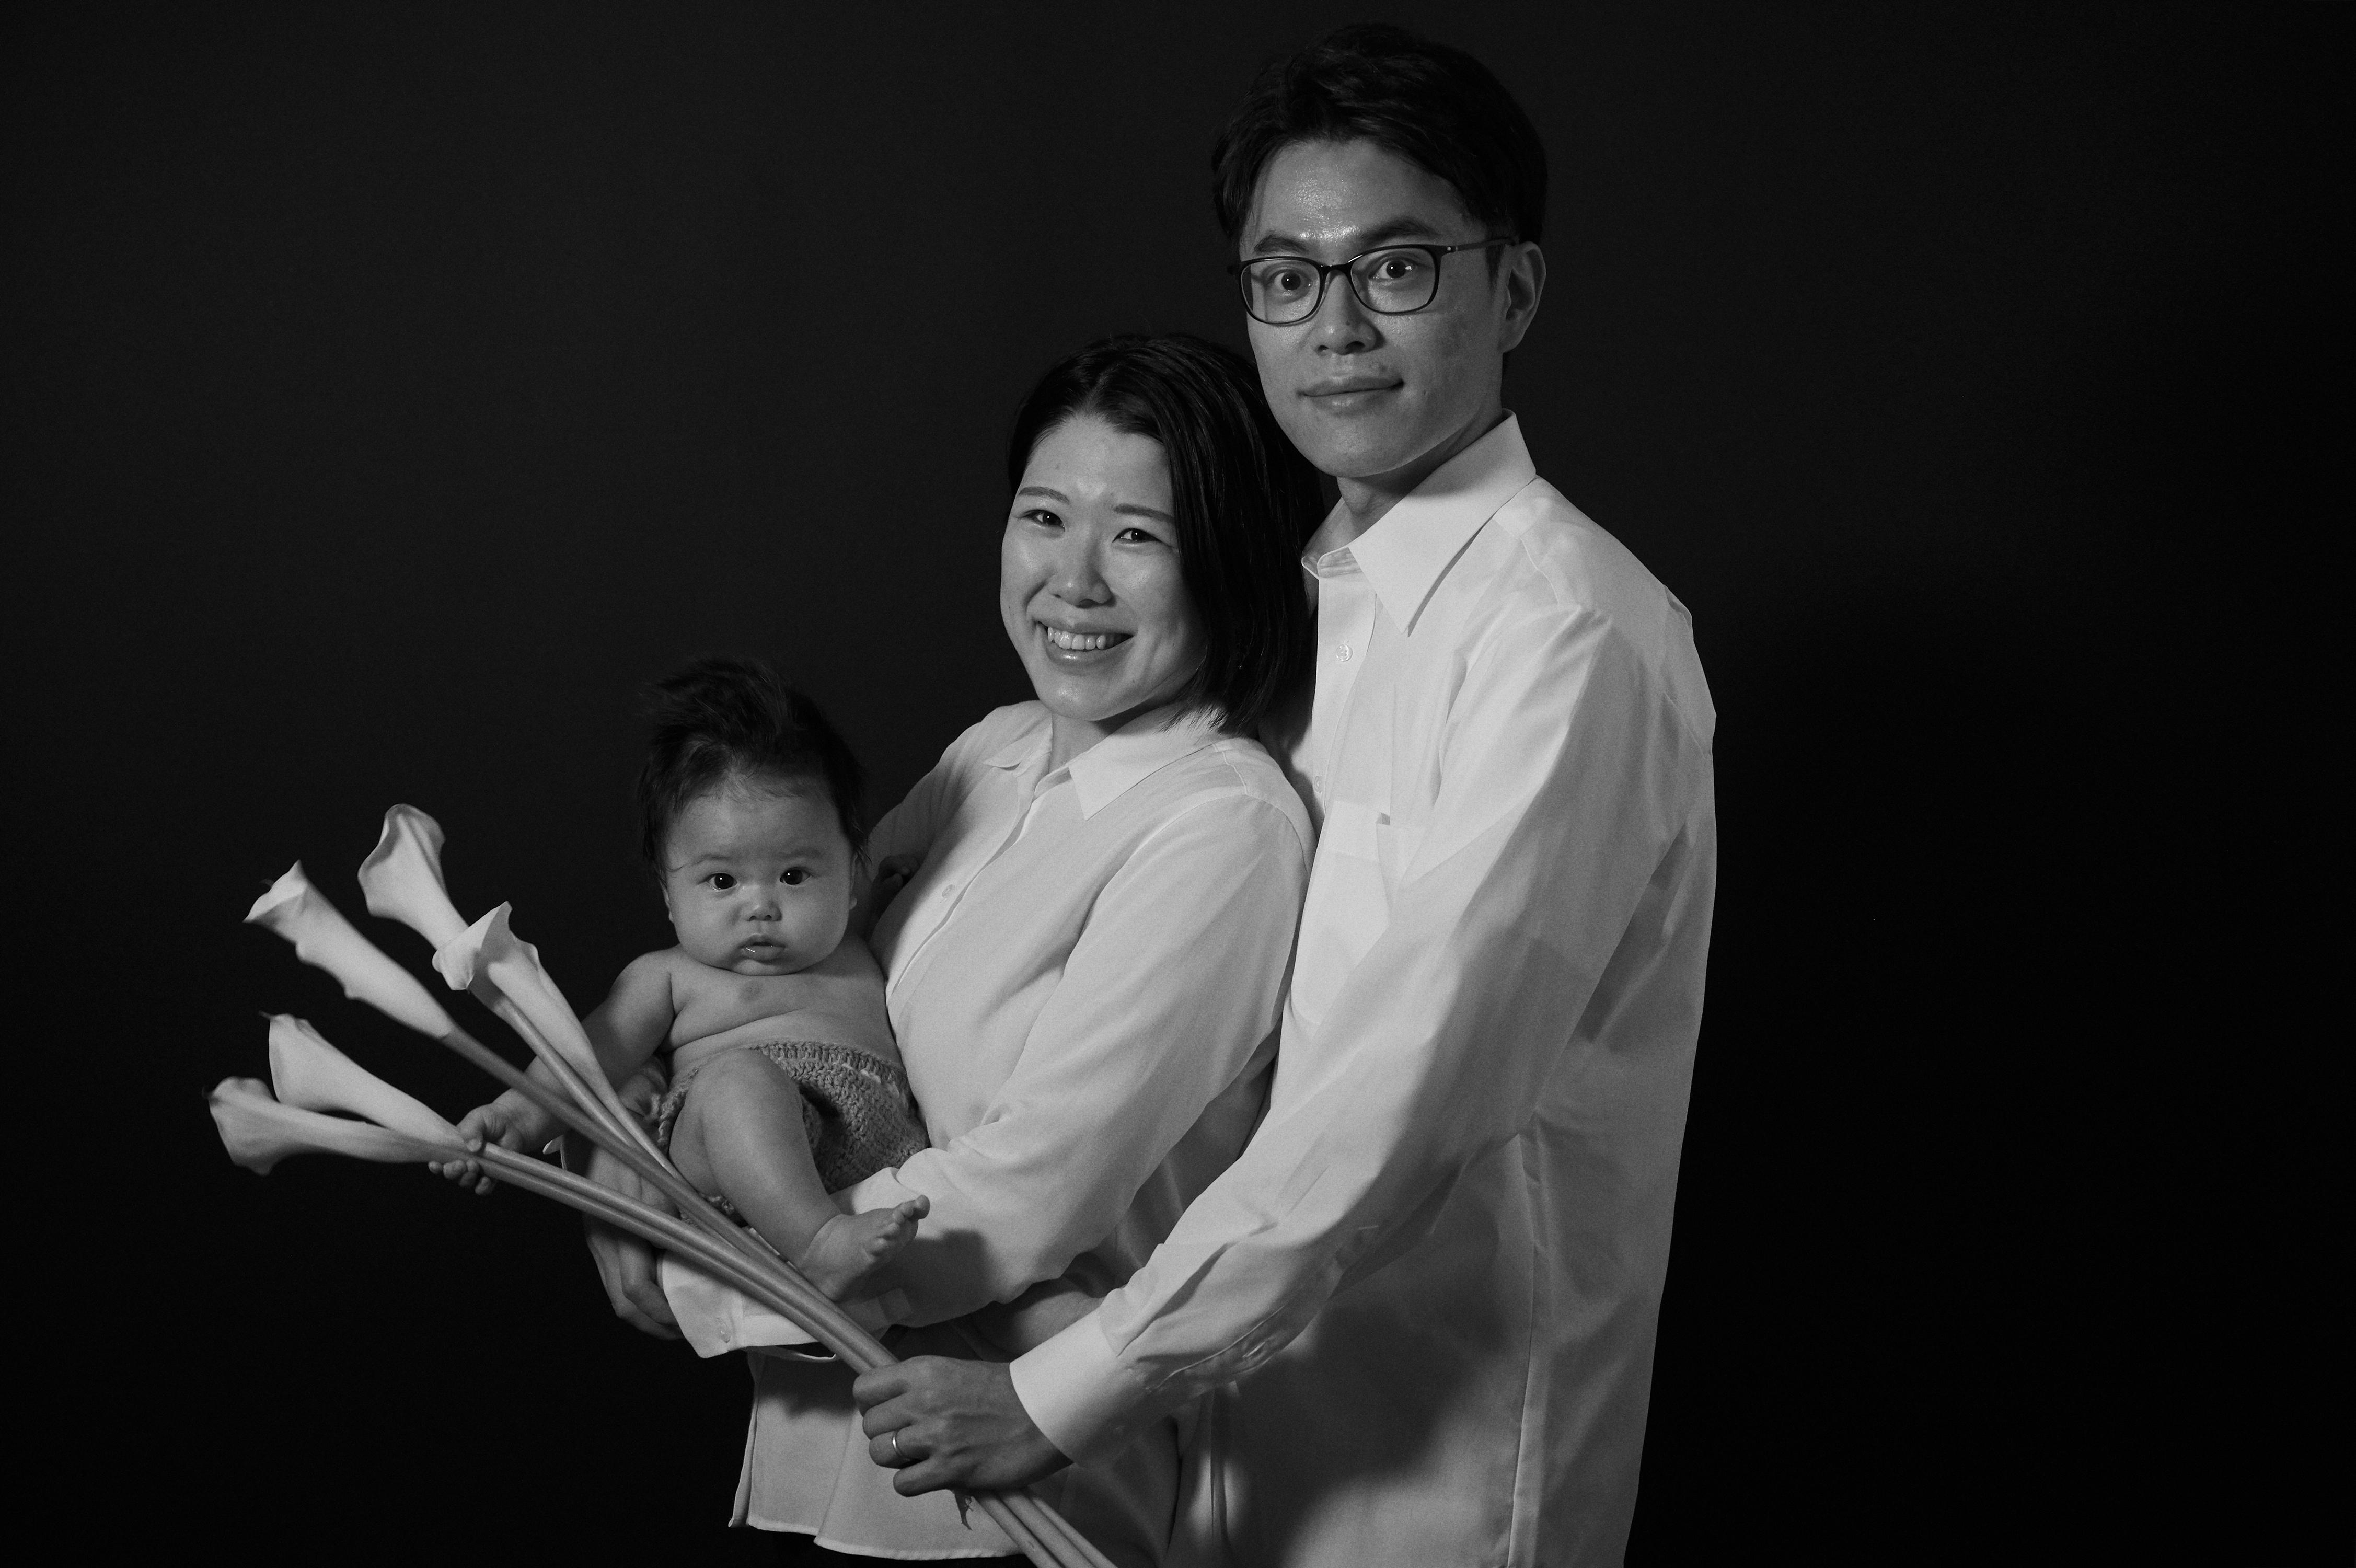 スタジオ撮影 モノクロ 家族写真